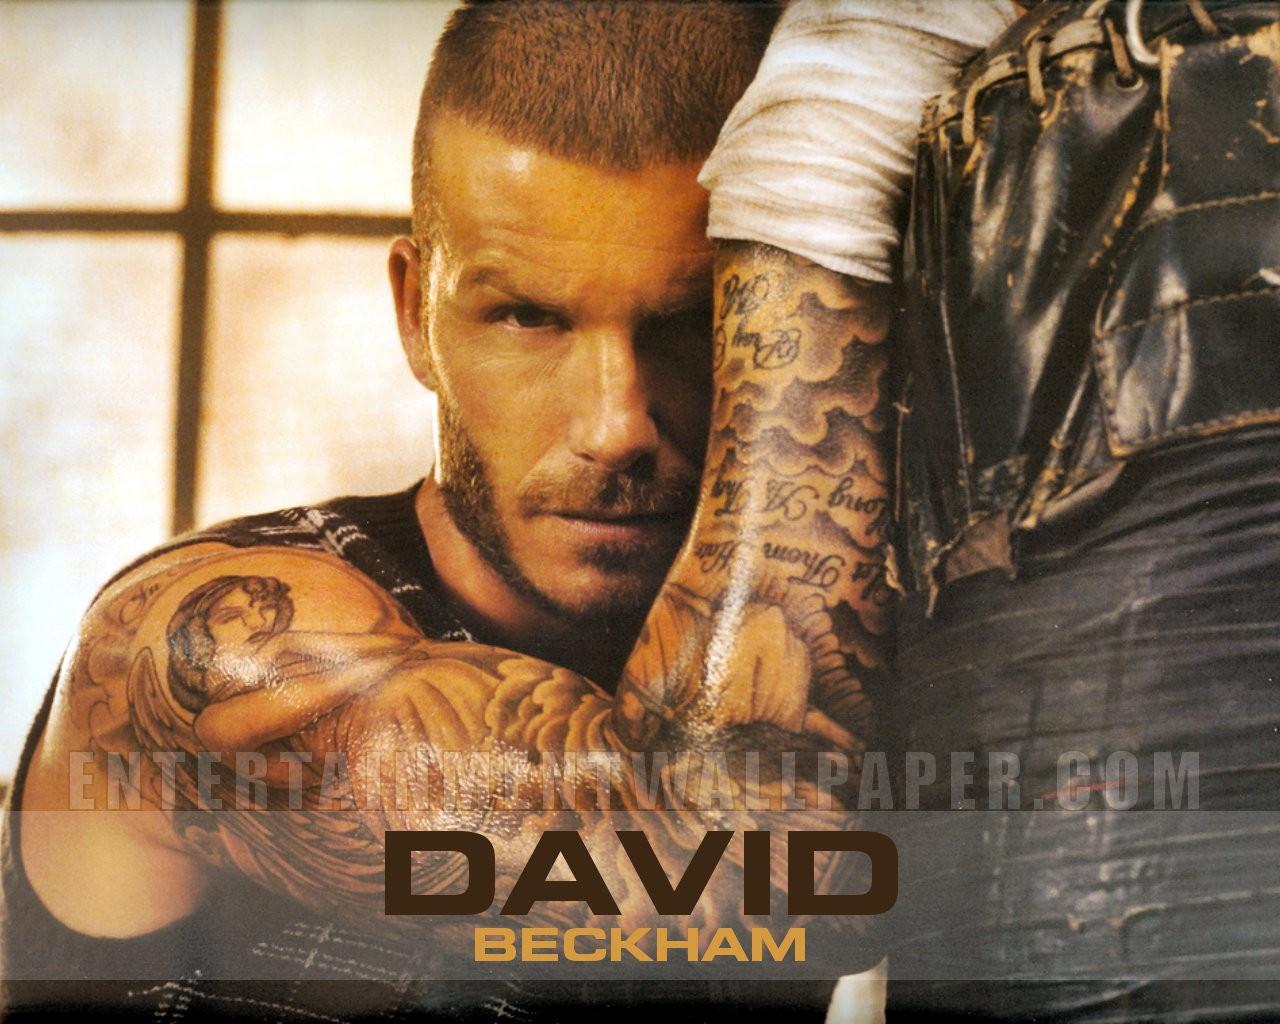 David beckham tattoo wallpaper